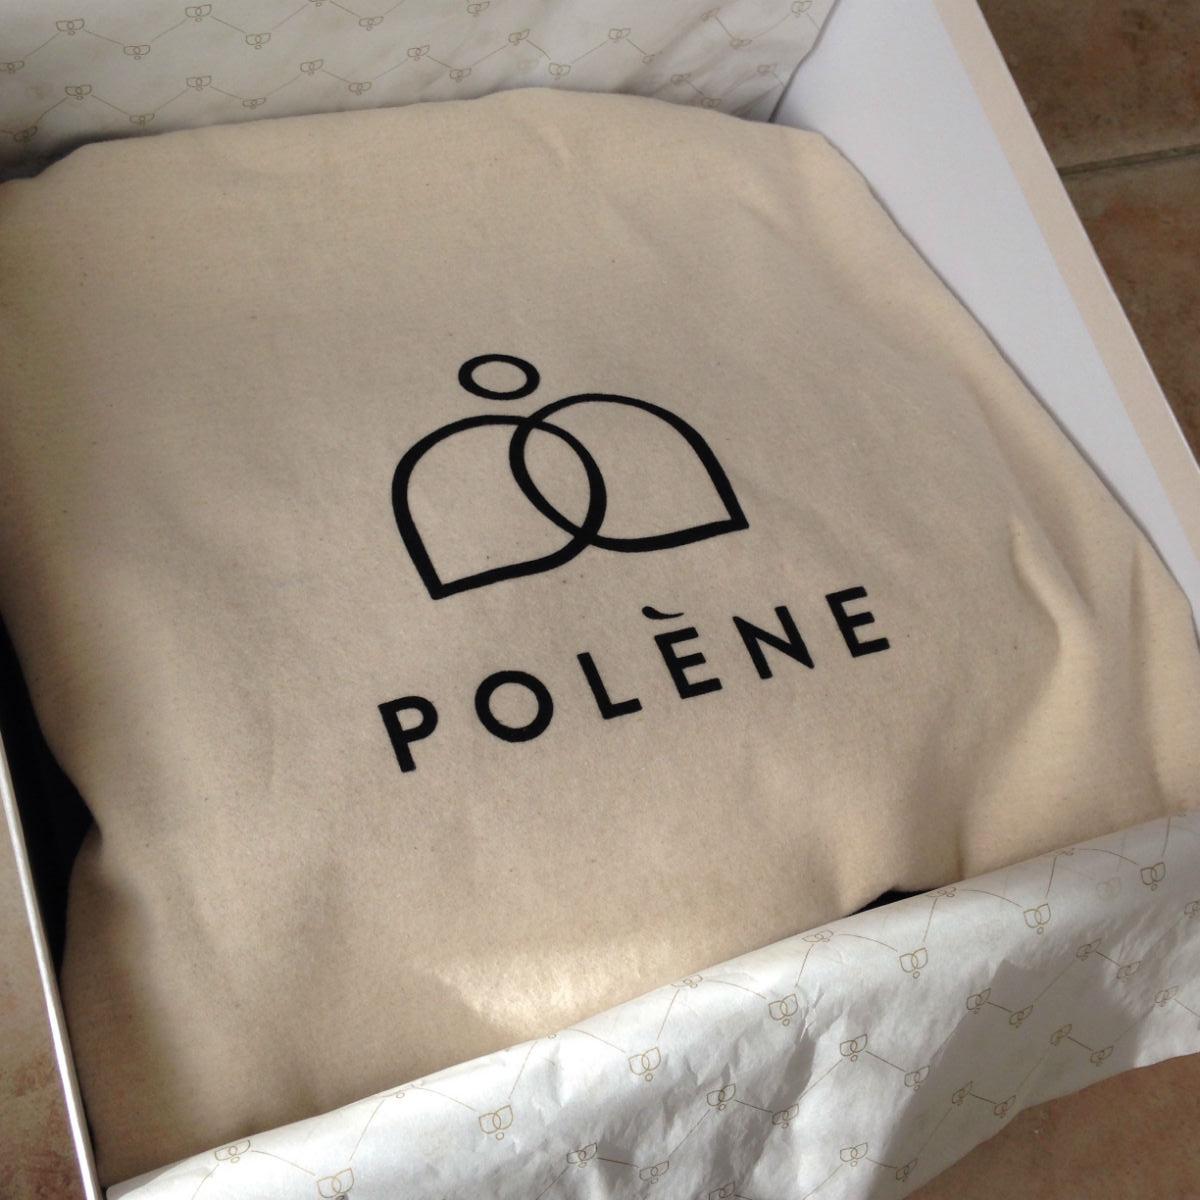 dust bag sac polene paris